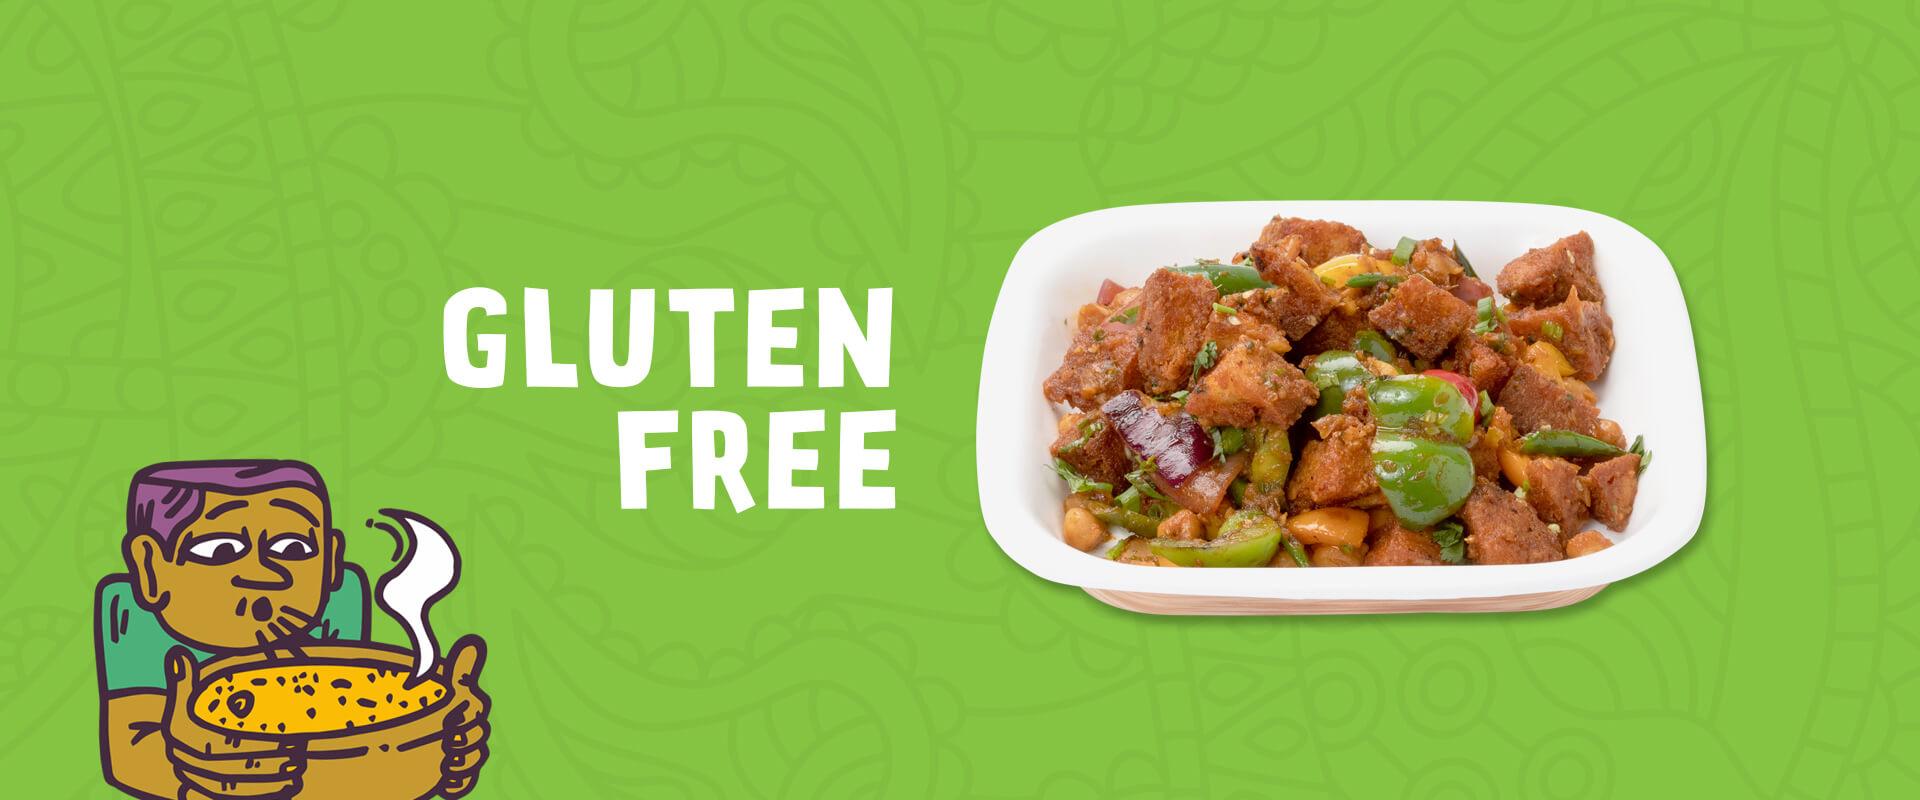 Gluten free food menu at Neehee's